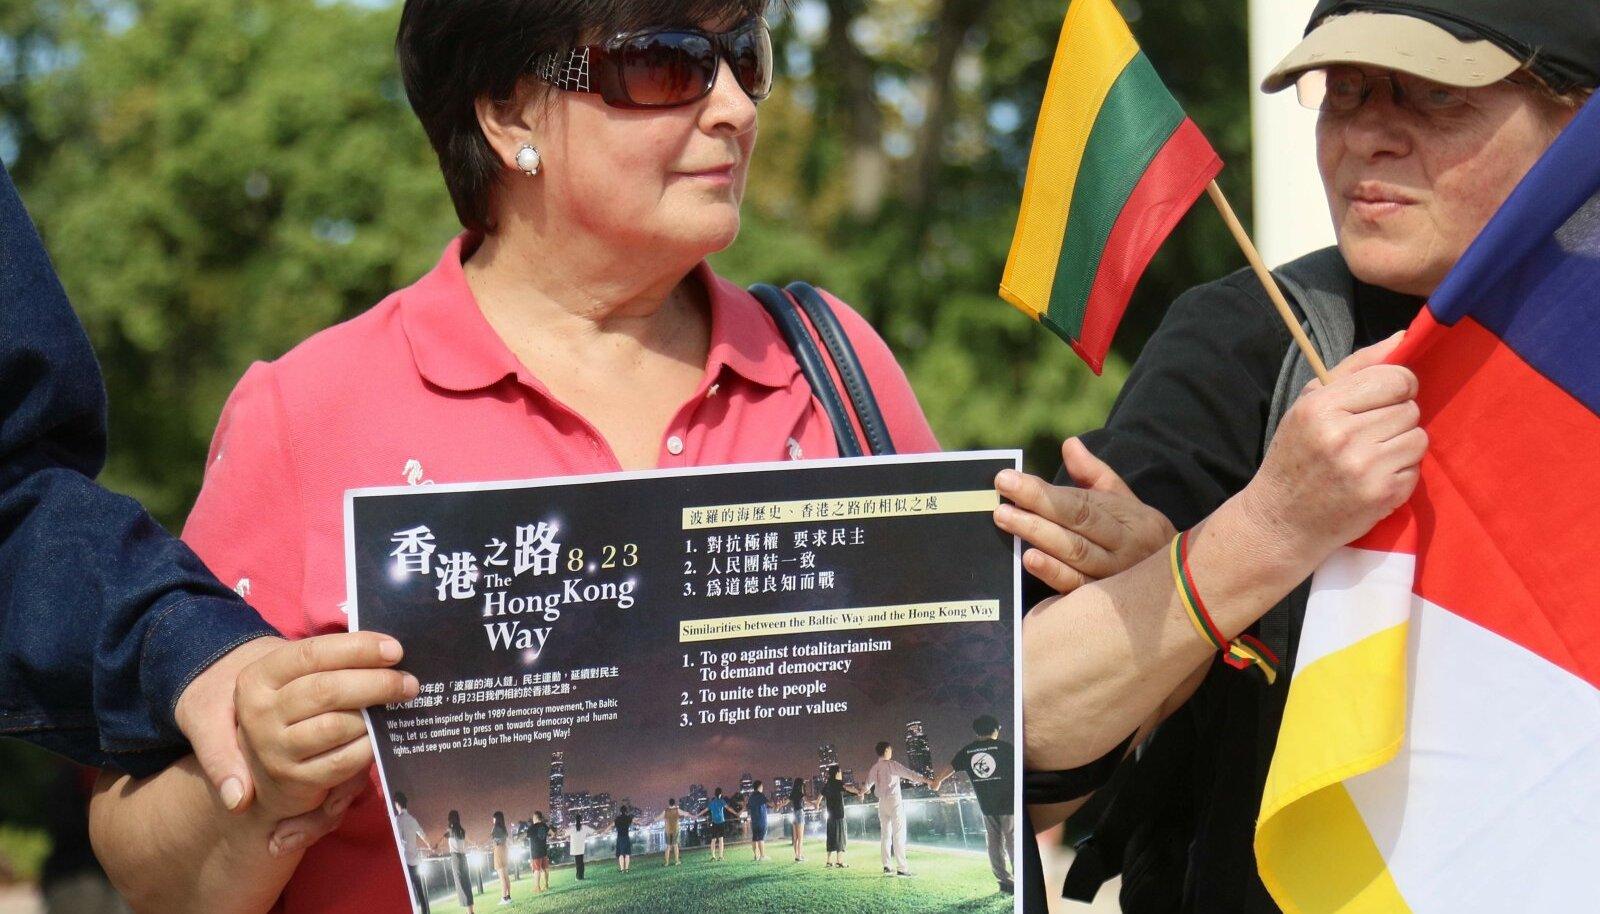 Tüli puhkes ka 2019. aastal, kui Leedus avaldati meelt Hiina inimõiguste kaitseks ja Hiina saadik Vilniuses rikkus protokolli vastumeeleavaldusel osalemisega.